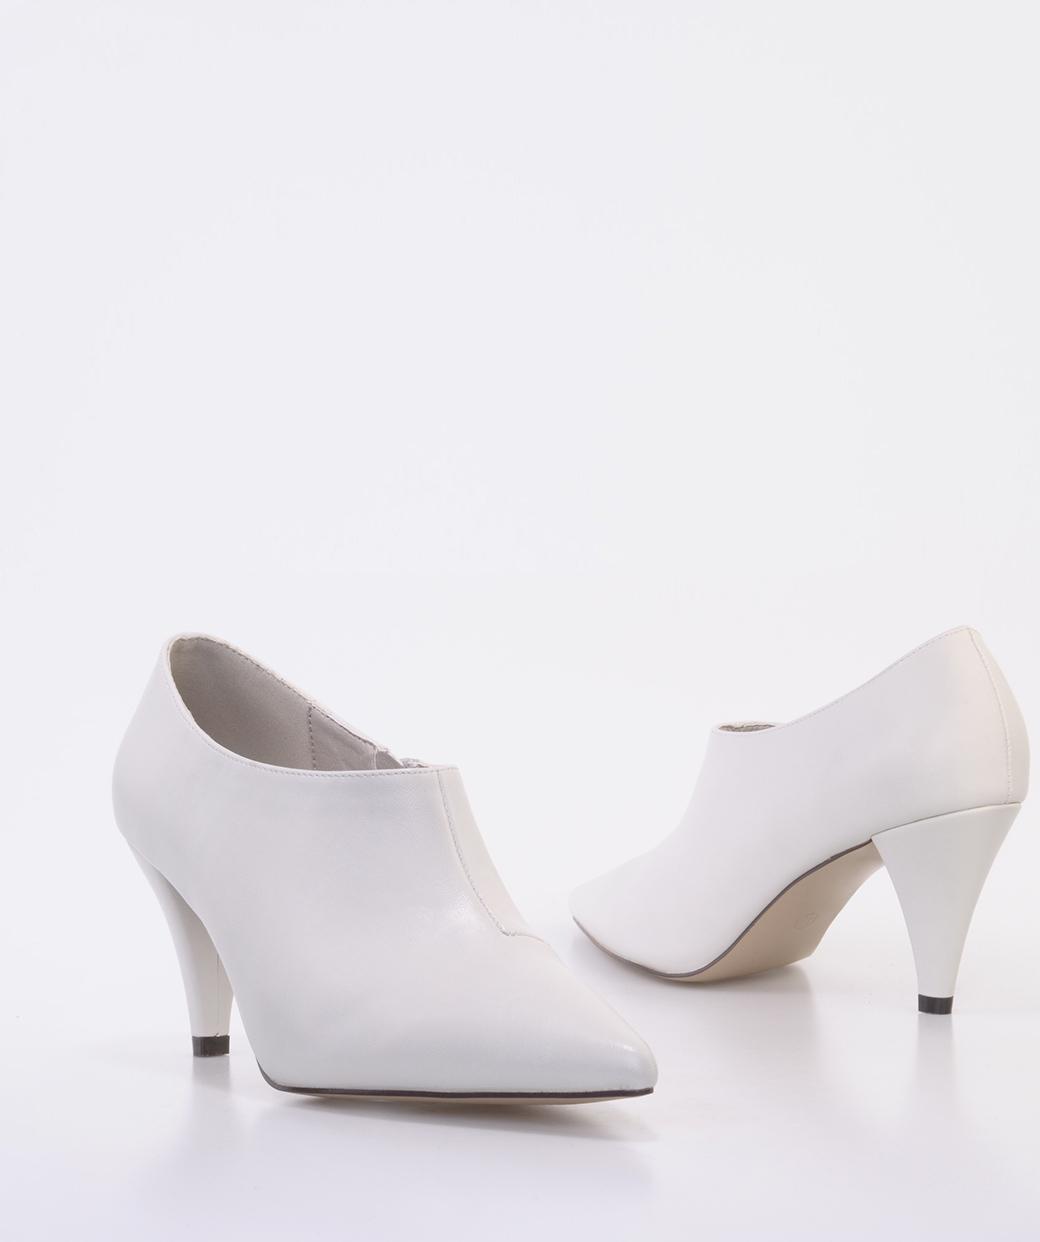 tacon blanco blanco tacon mujer zapato mujer mujer marinero zapato zapato marinero blanco marinero tacon wnZI1Iq4v